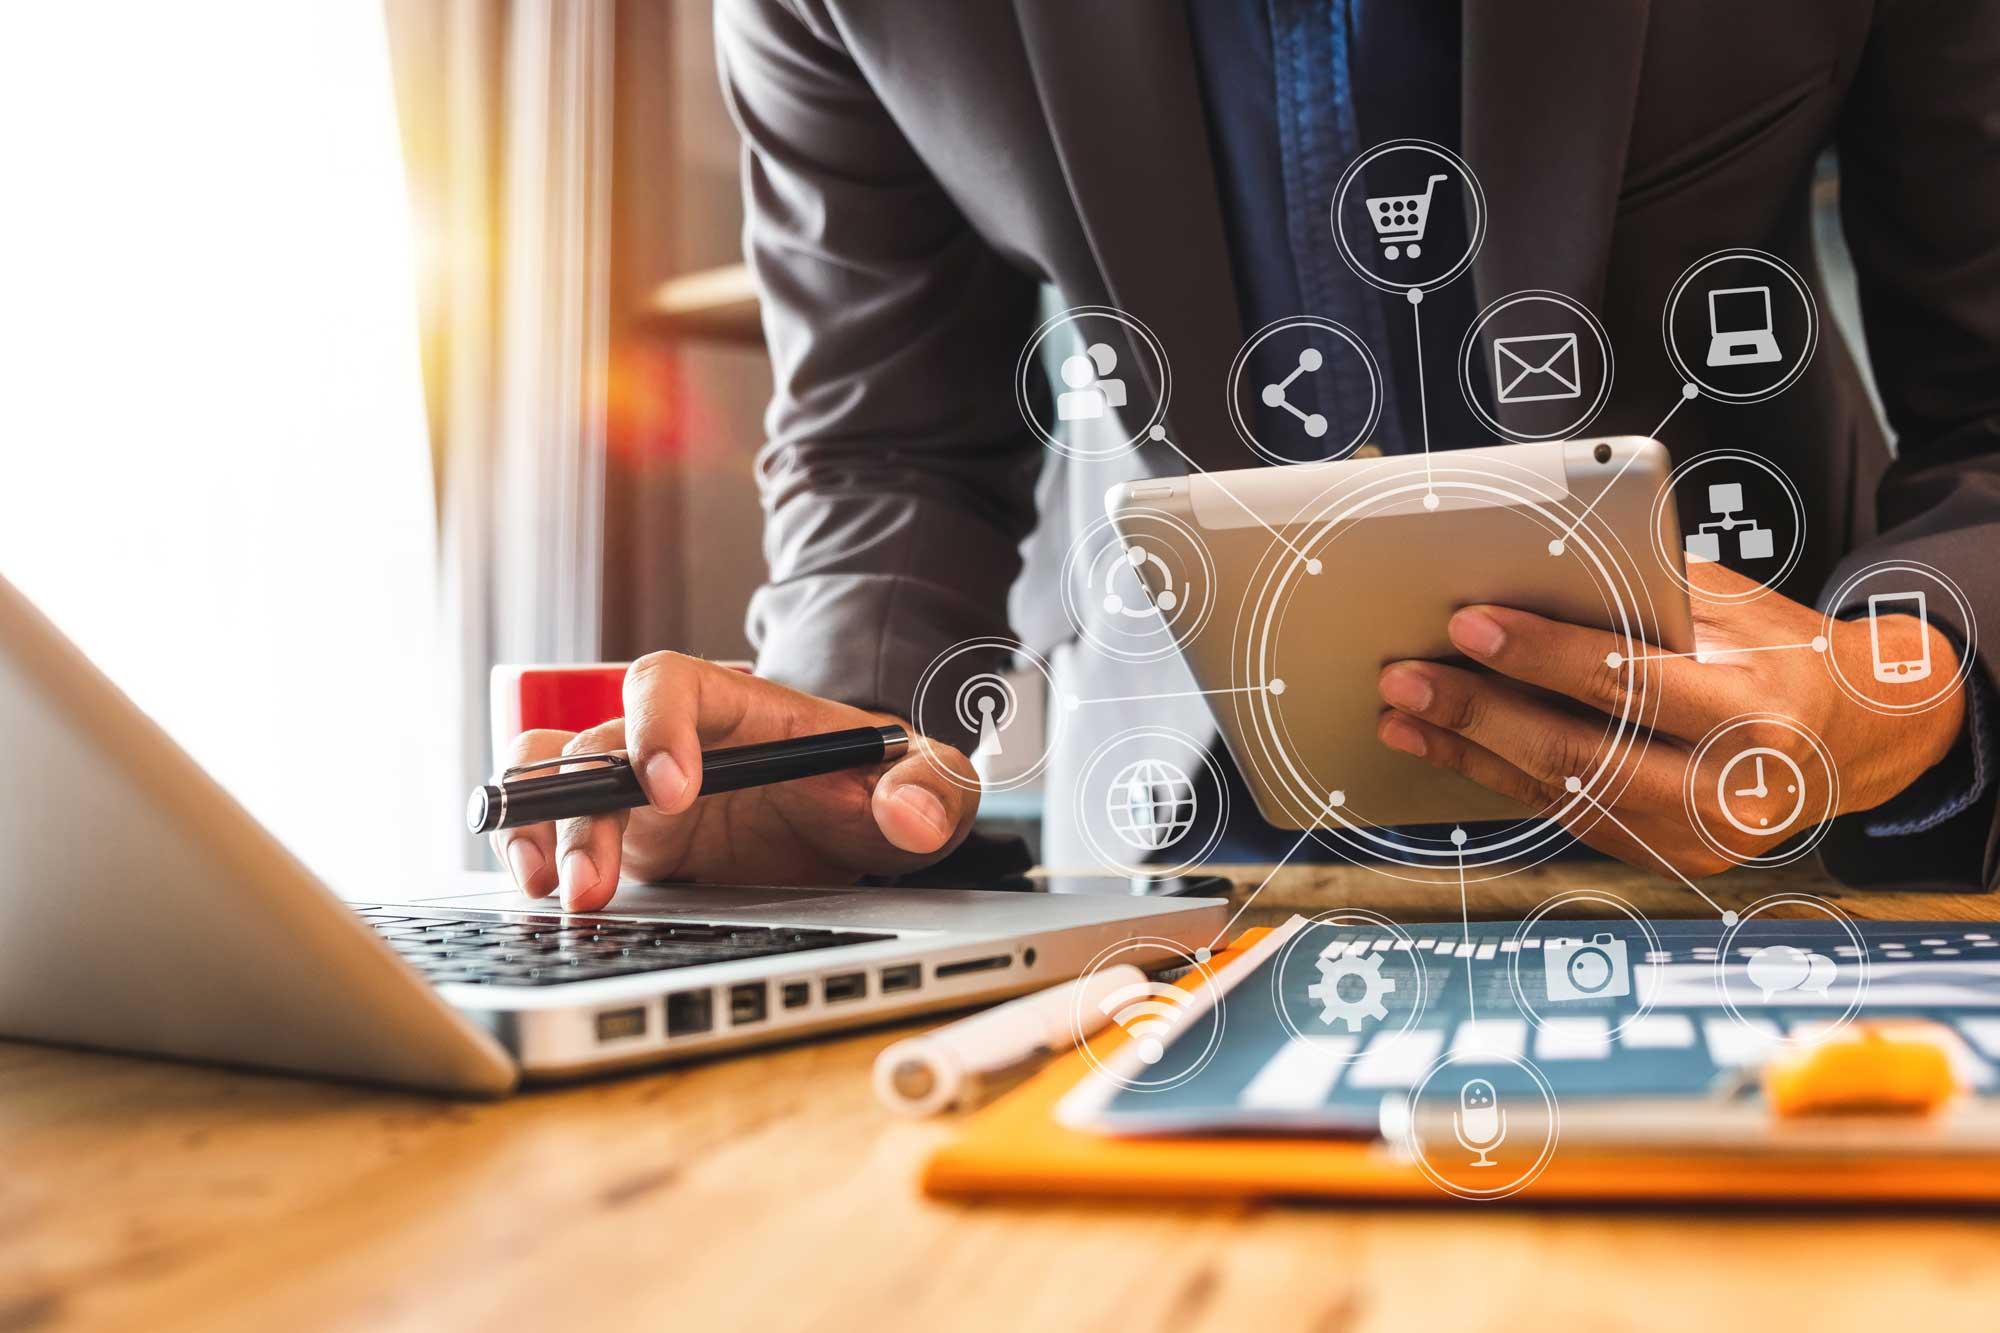 Analisi Dati Online | D2C srl | Digital Agency Milano | Al tuo cliente, direttamente